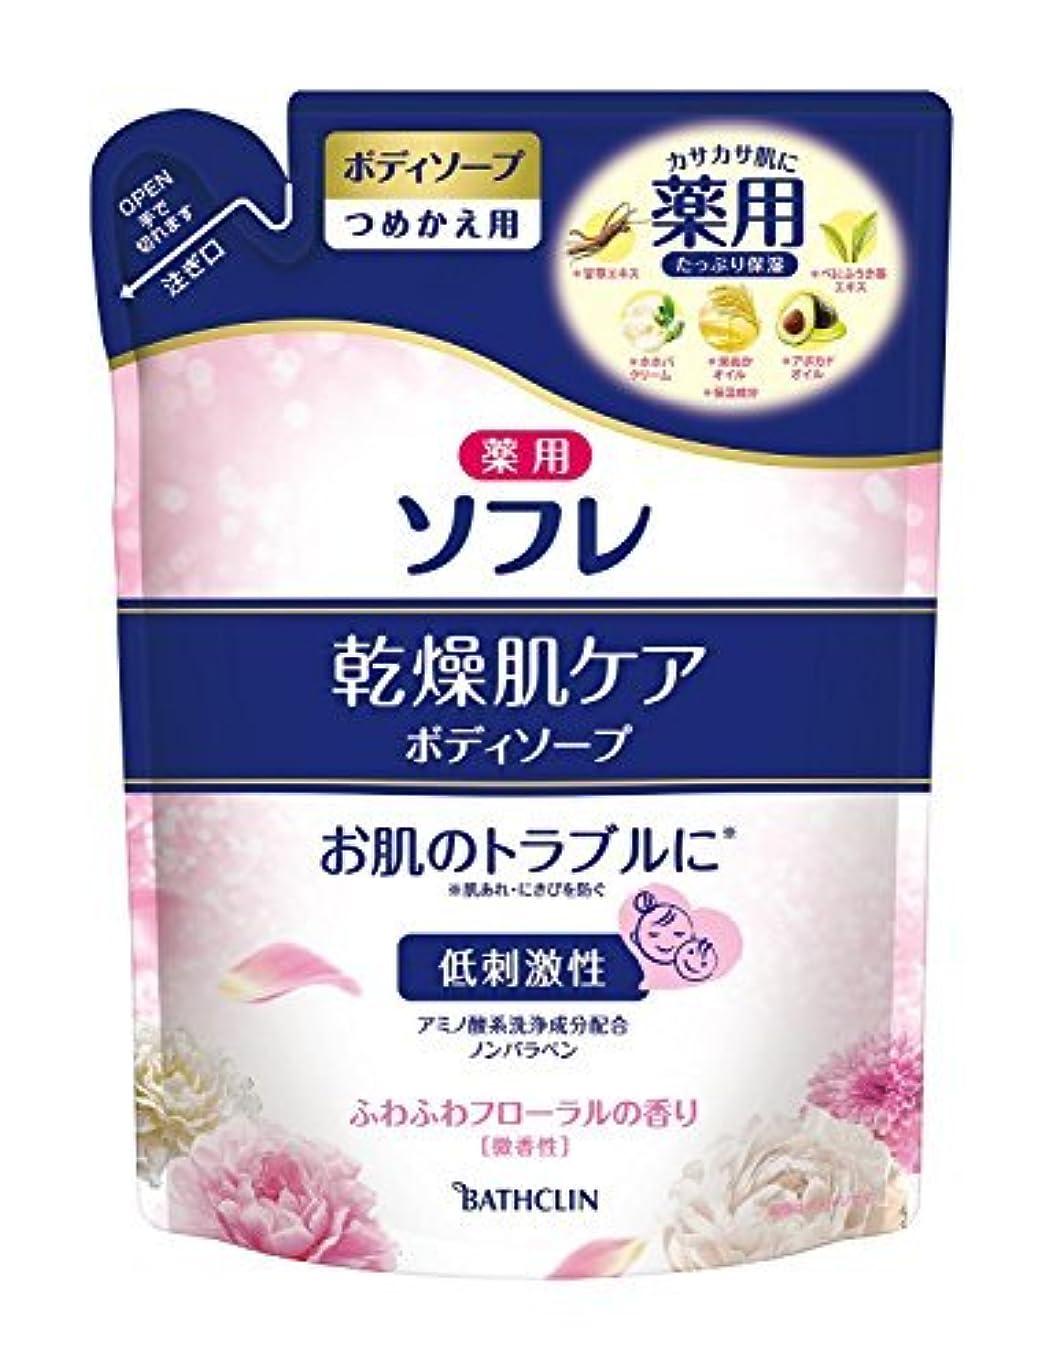 スティック宿泊効能薬用ソフレ 乾燥肌ケアボディ詰替 × 12個セット